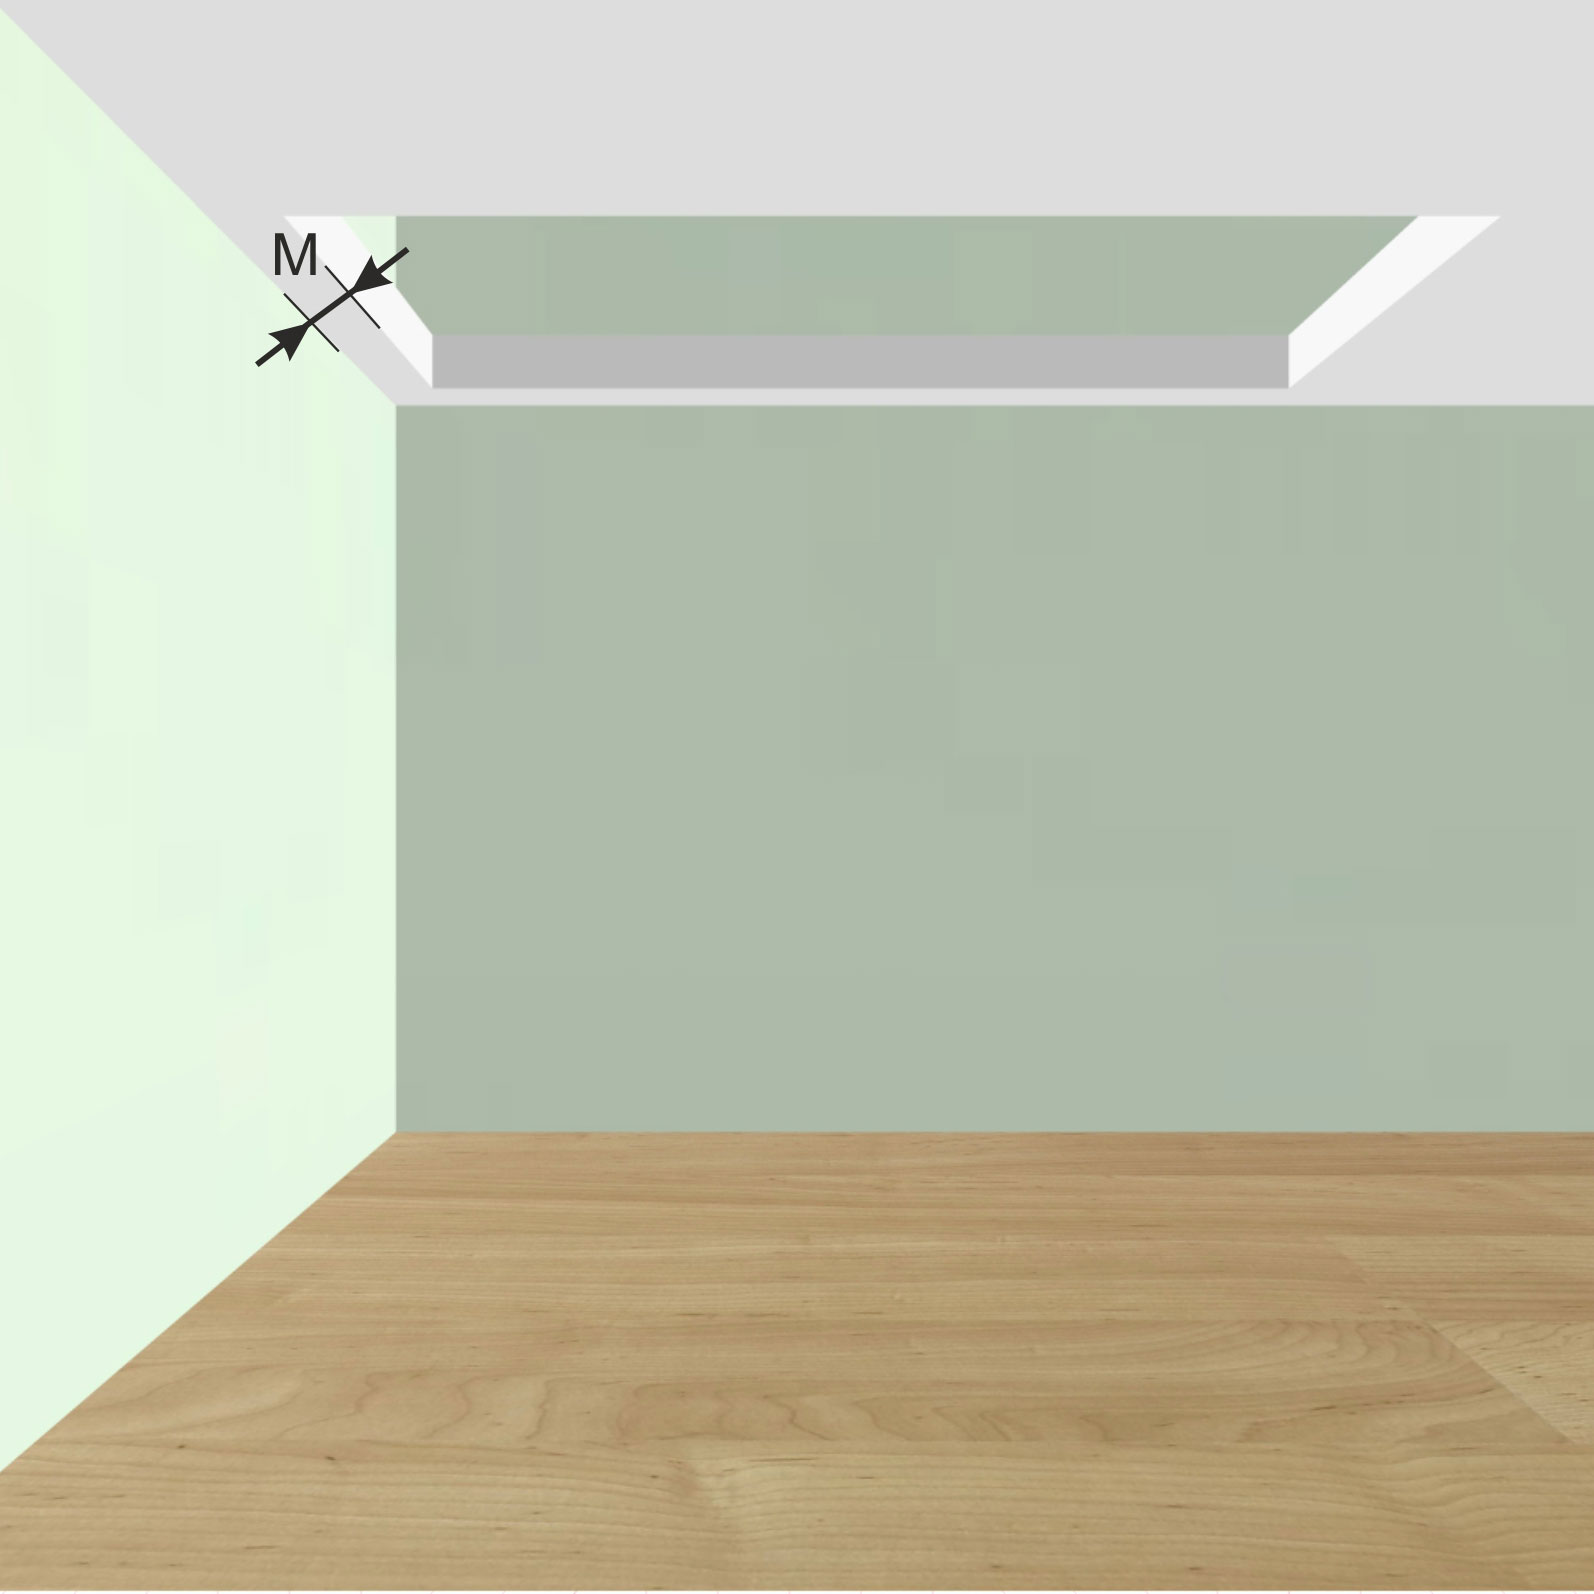 Расстояние от стен 1-го этажа до начала проема в межэтажном перекрытии M